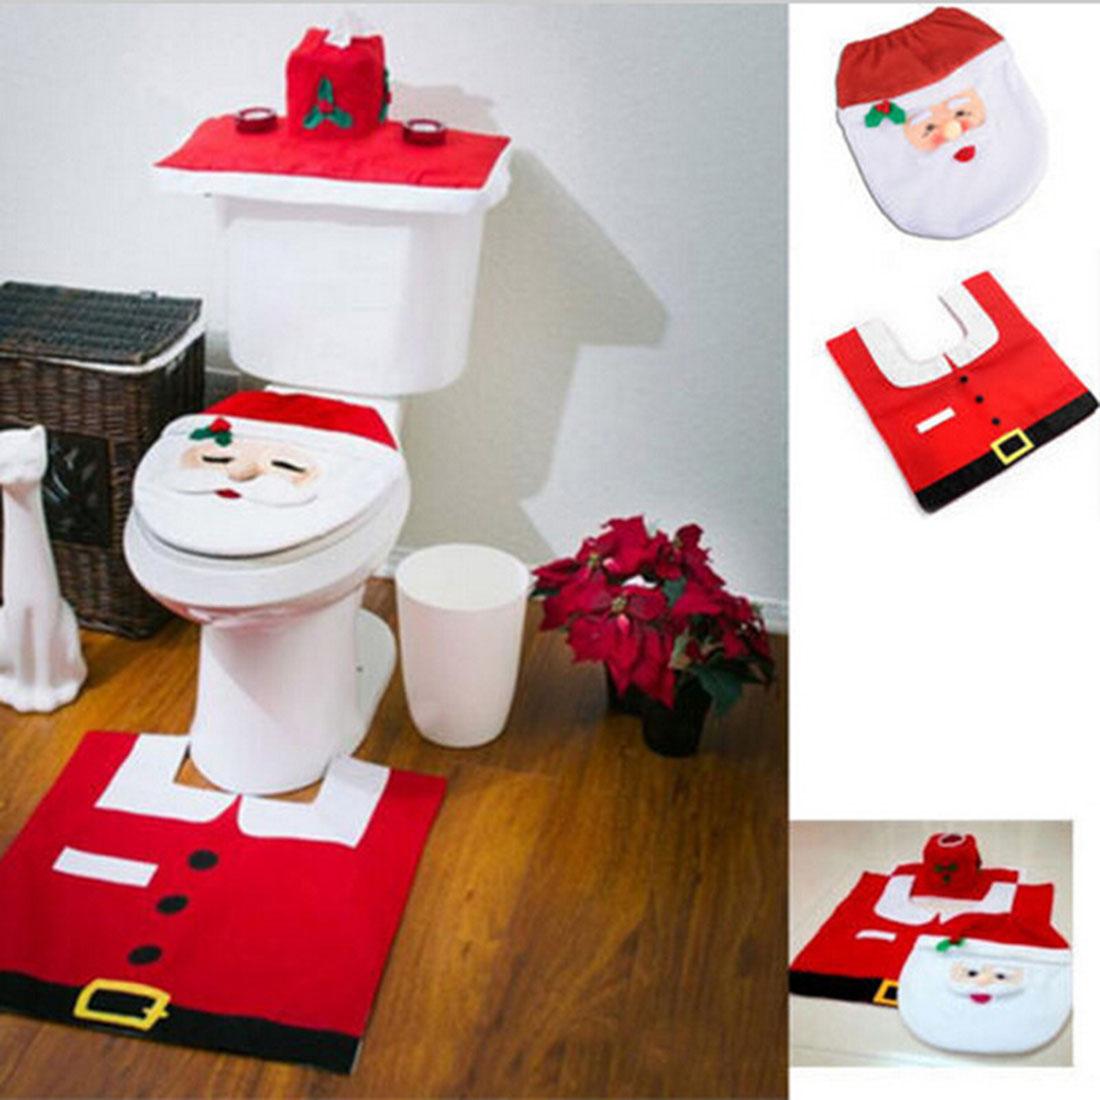 aeproductgetsubject - Christmas Bathroom Sets